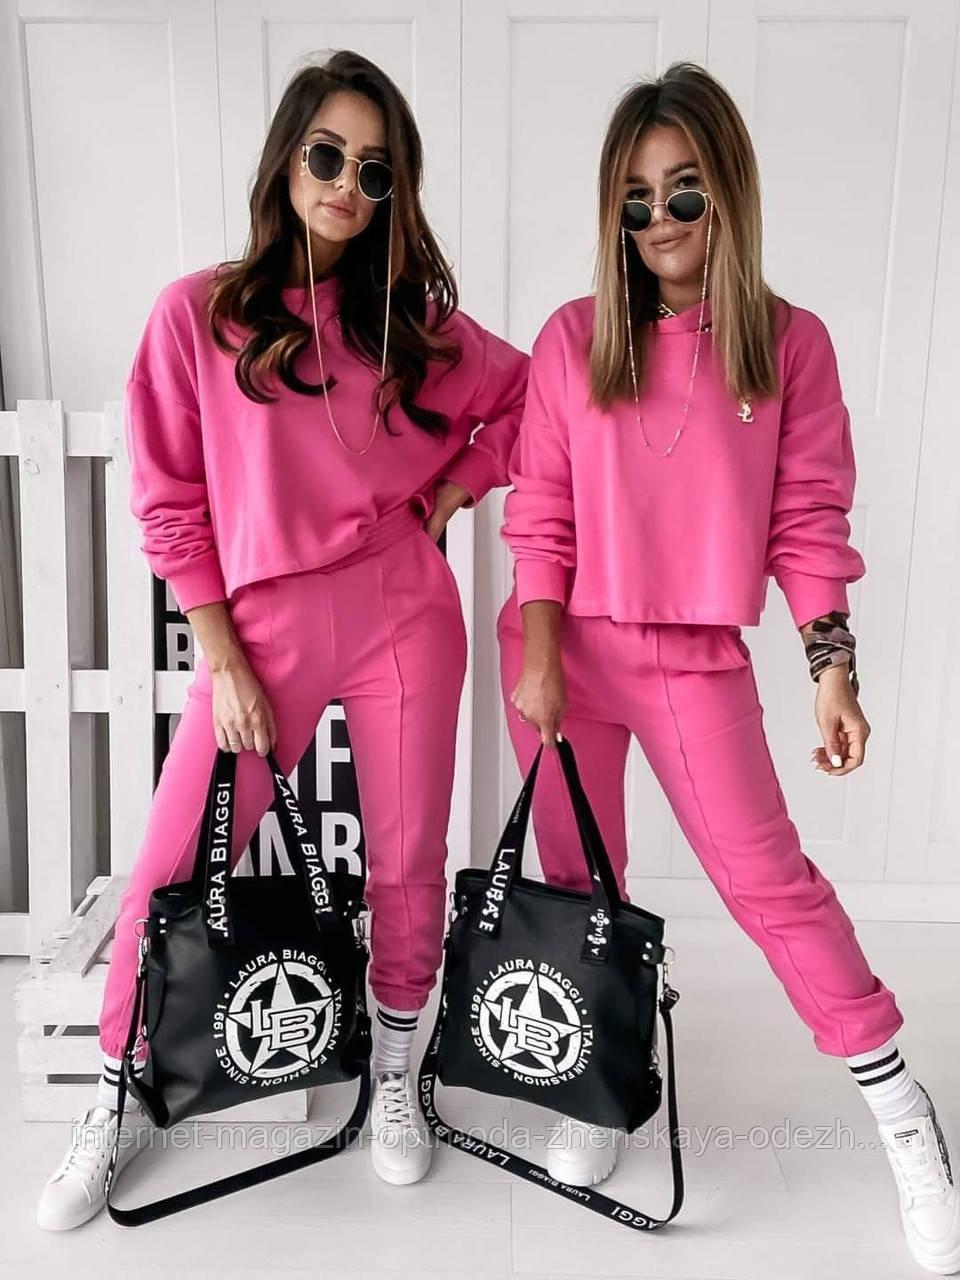 Костюми жіночі оптом - 7180-фг - Модний жіночий літній прогулянковий костюм зі штанами і вільної кофтою